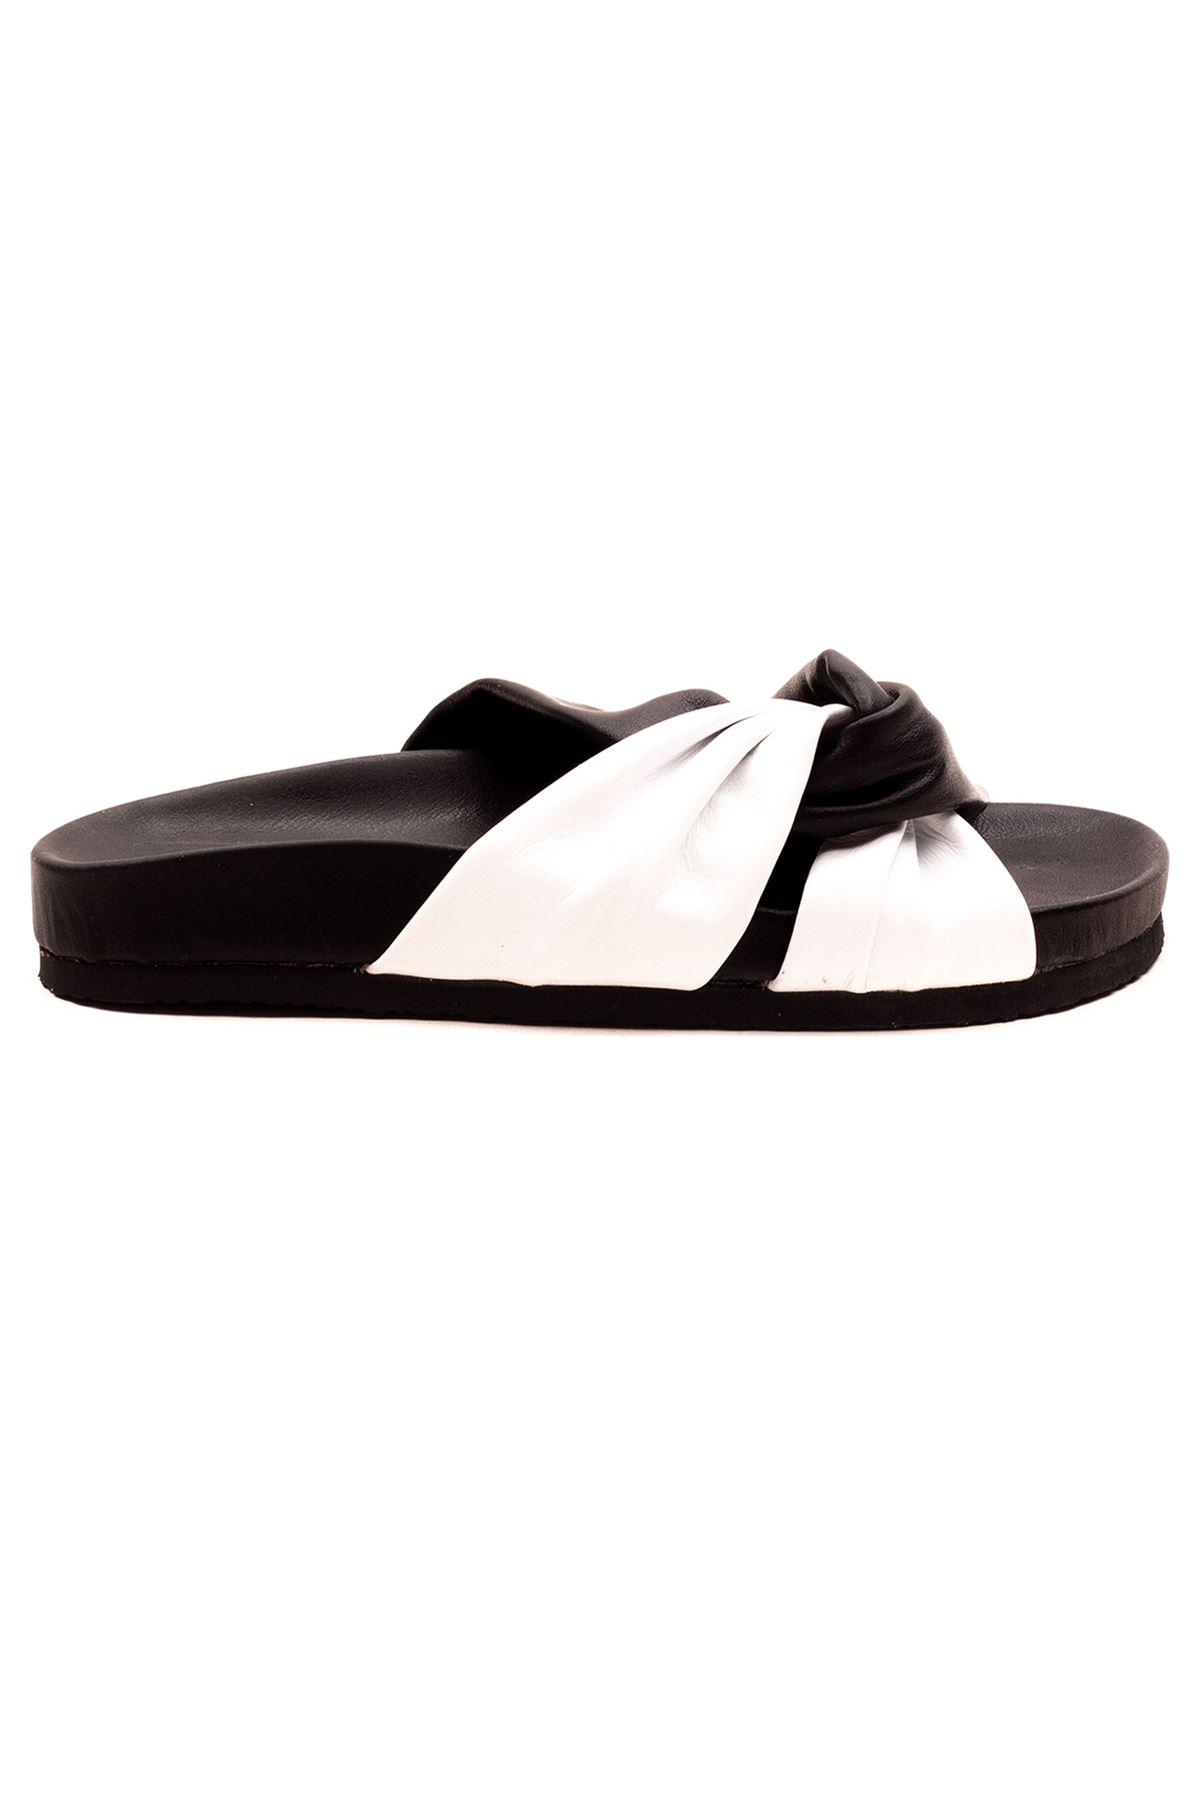 Alesia Kadın Terlik Siyah Beyaz